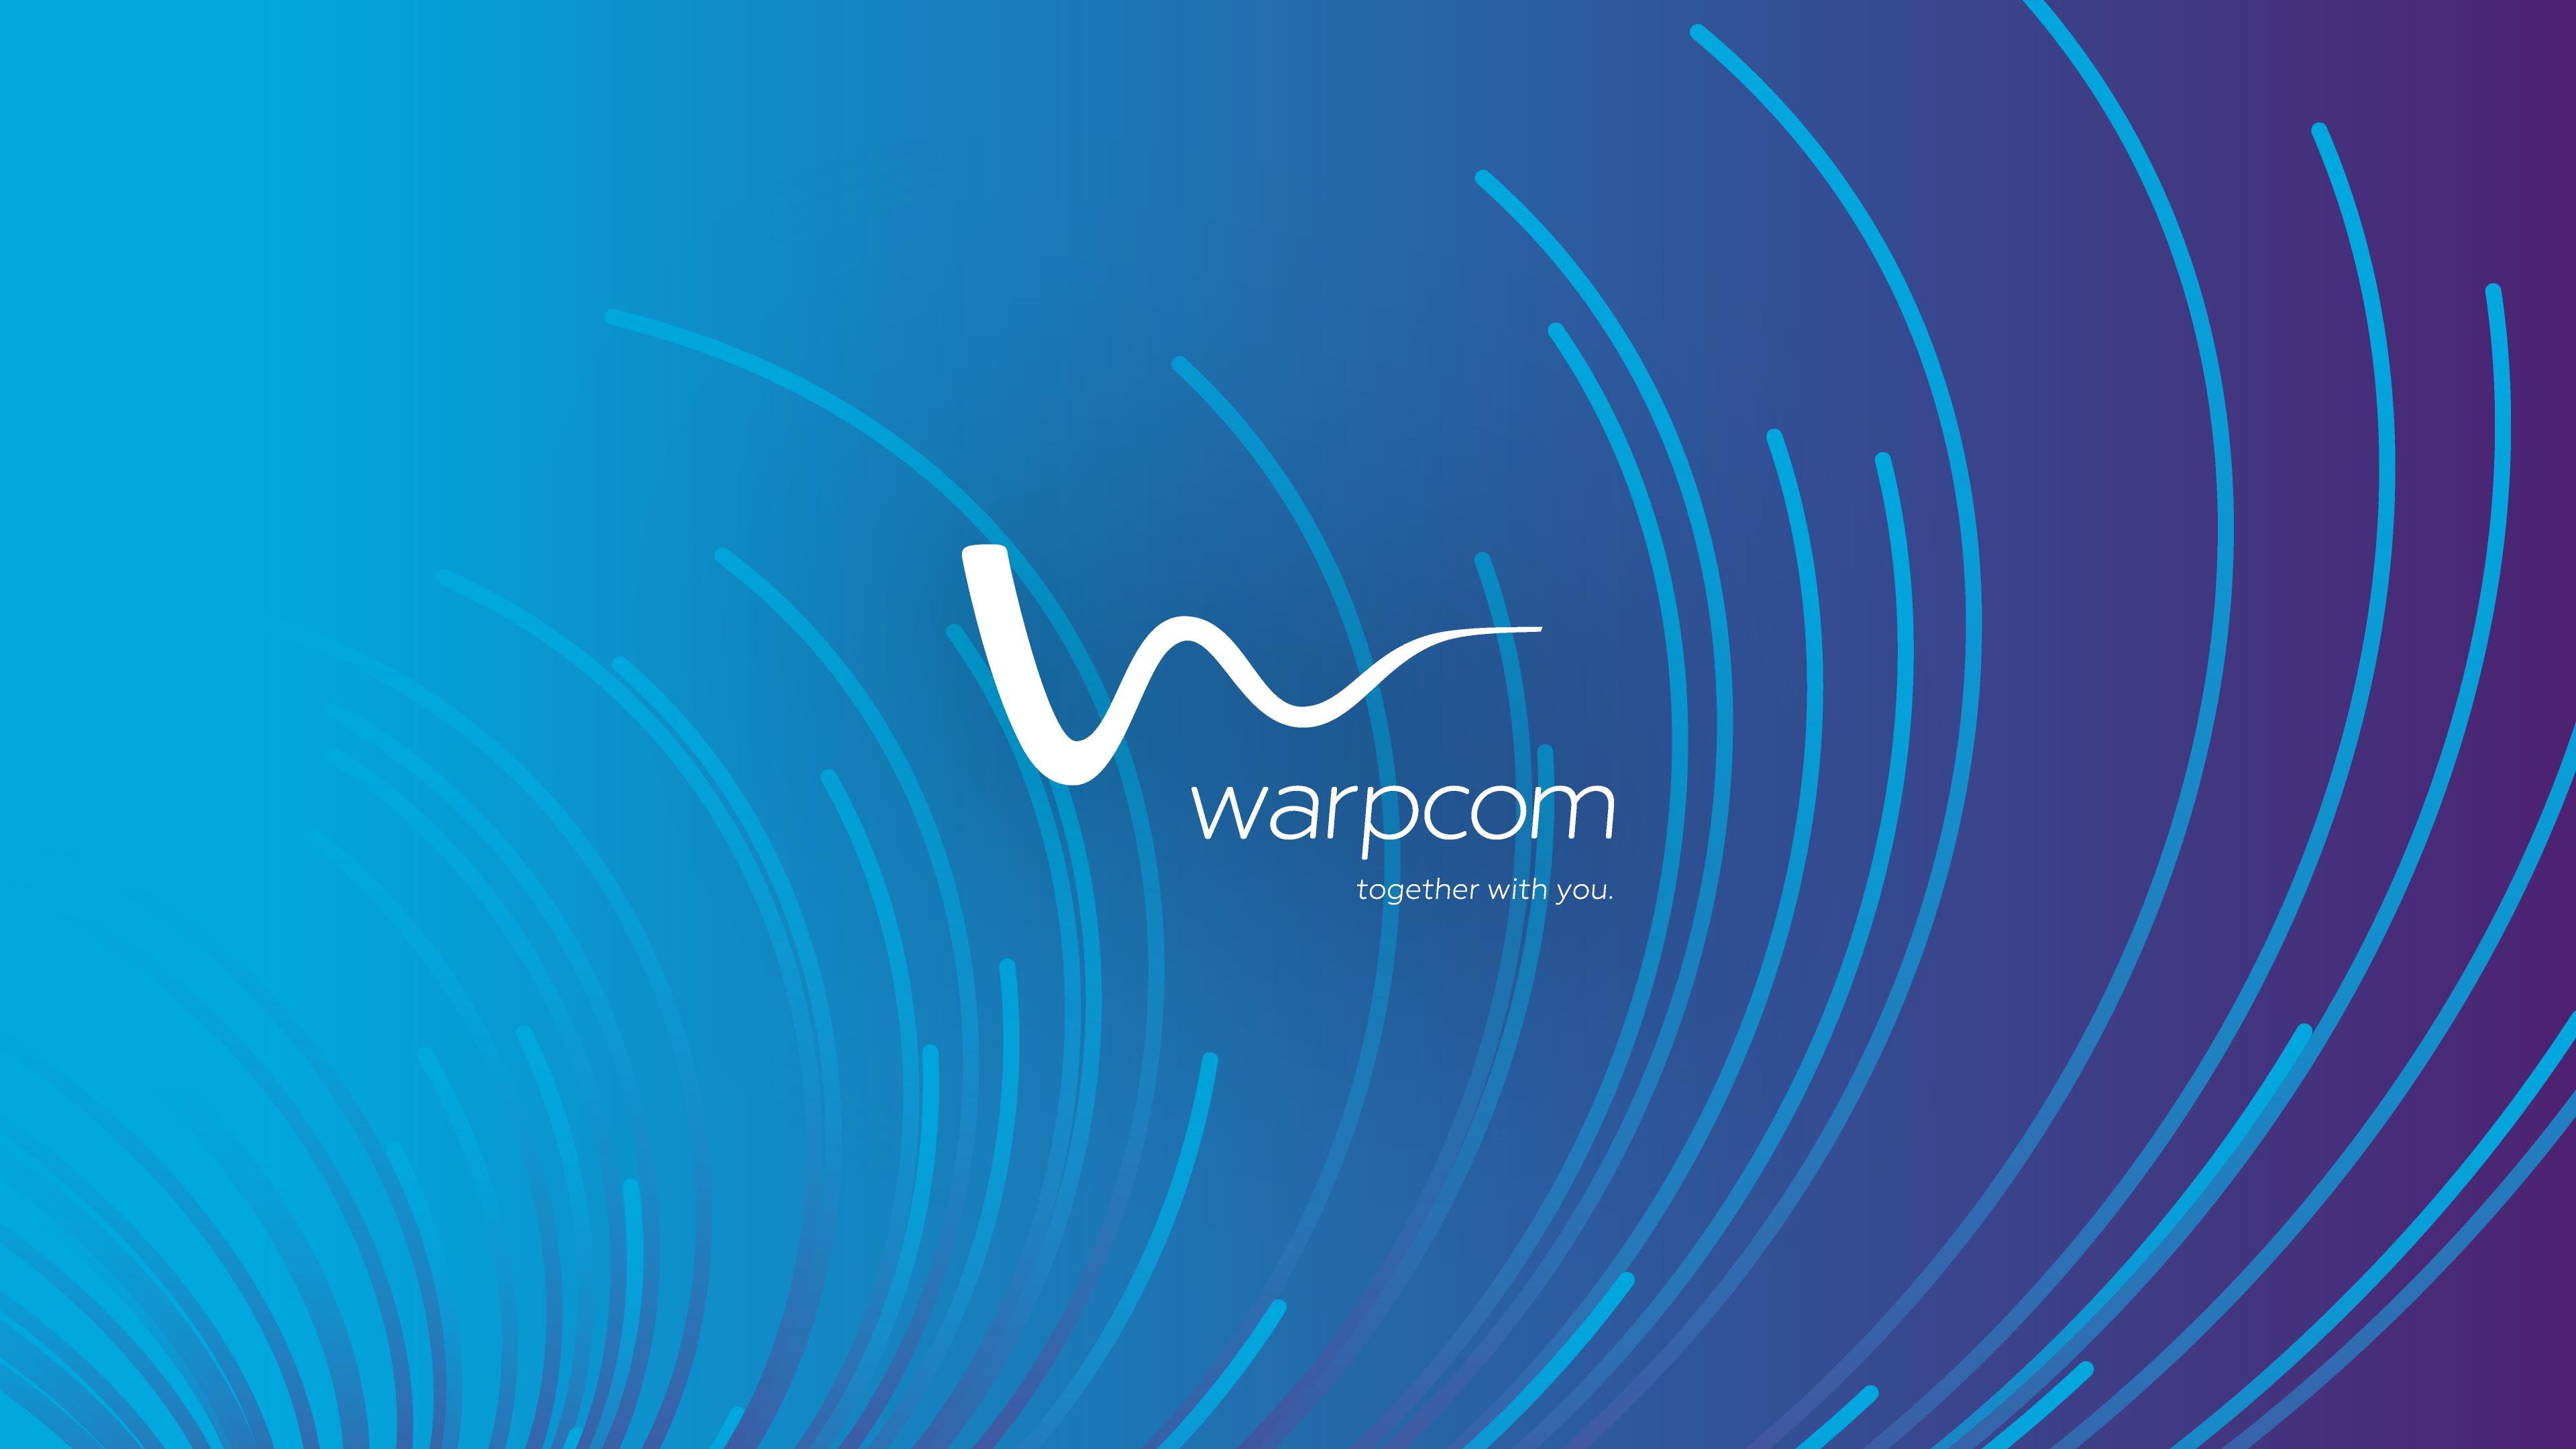 200302-warpcom-wallpaper-4k v1